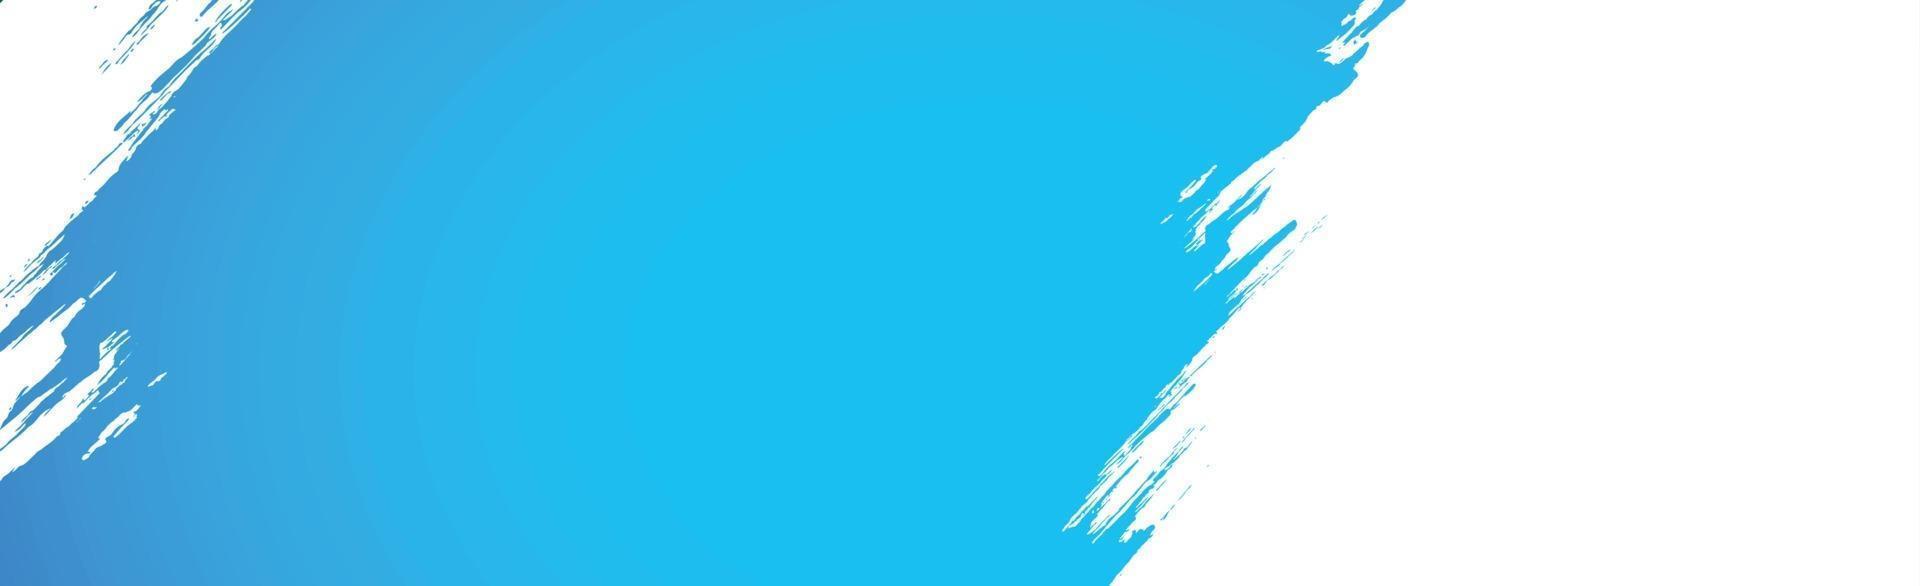 frottis réaliste de peinture bleue sur fond blanc - vecteur